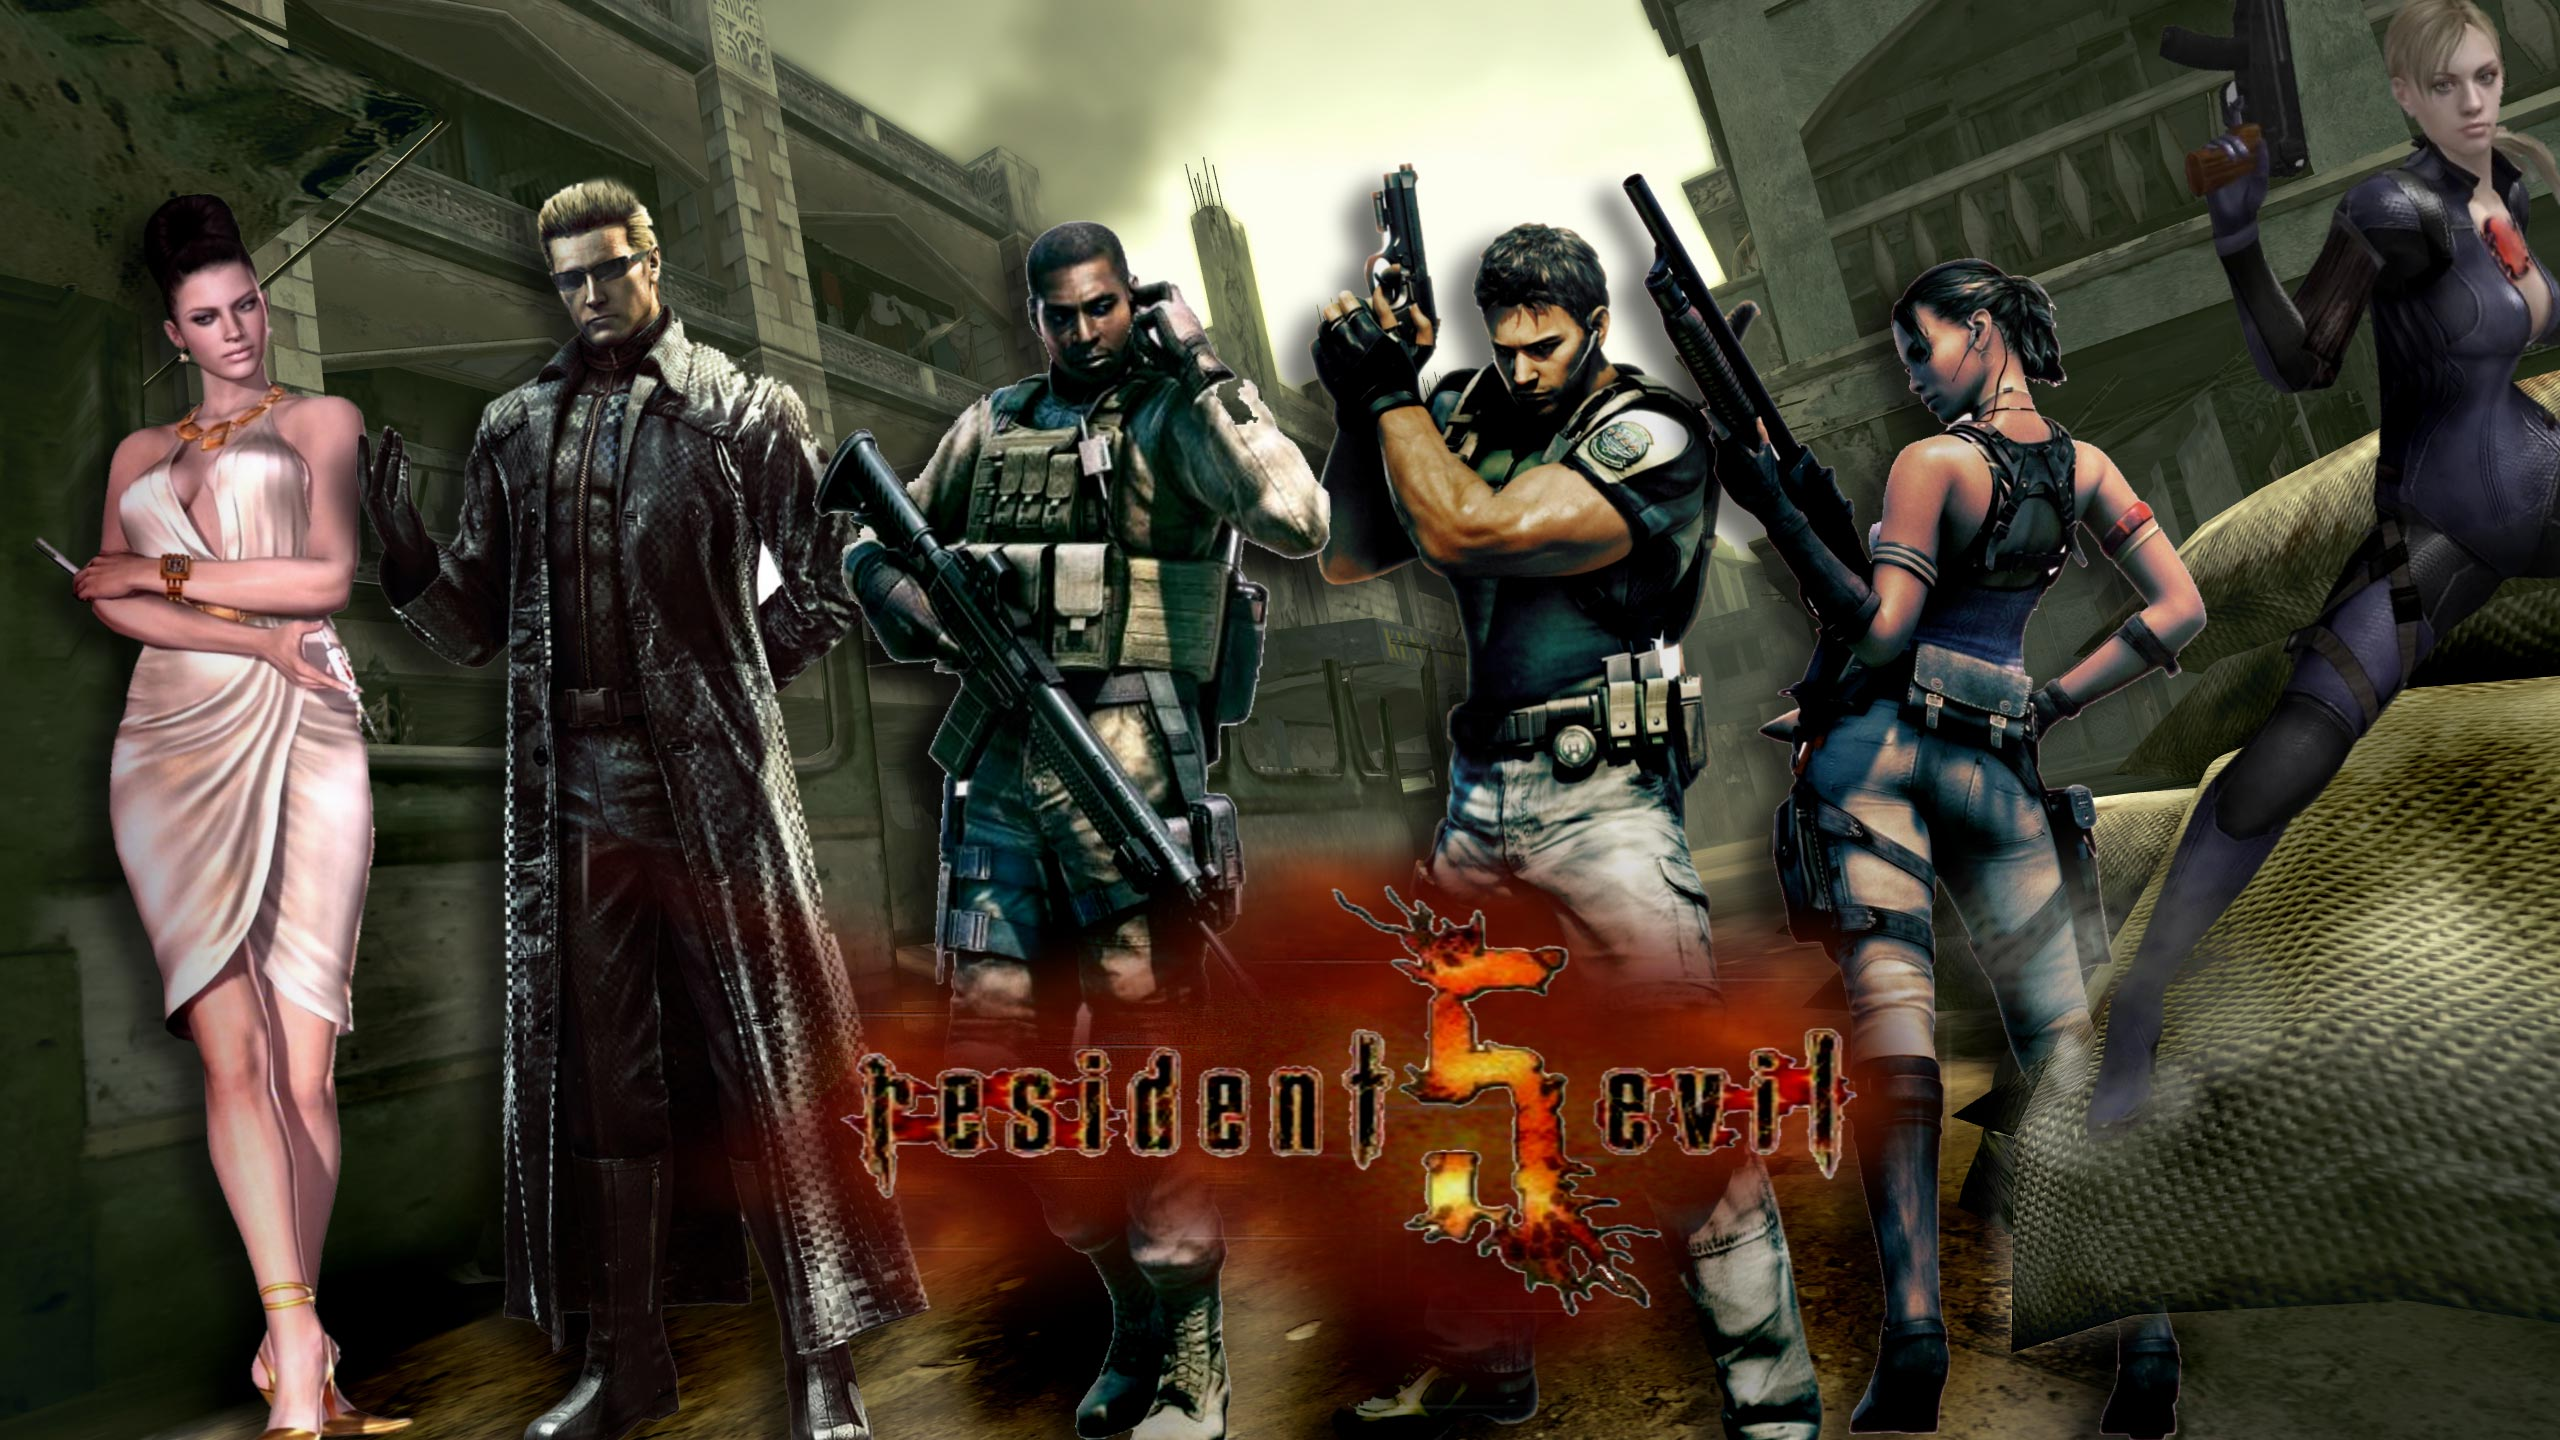 Wallpaper Gun Video Games Black Background Resident: Resident Evil 5 HD Wallpaper